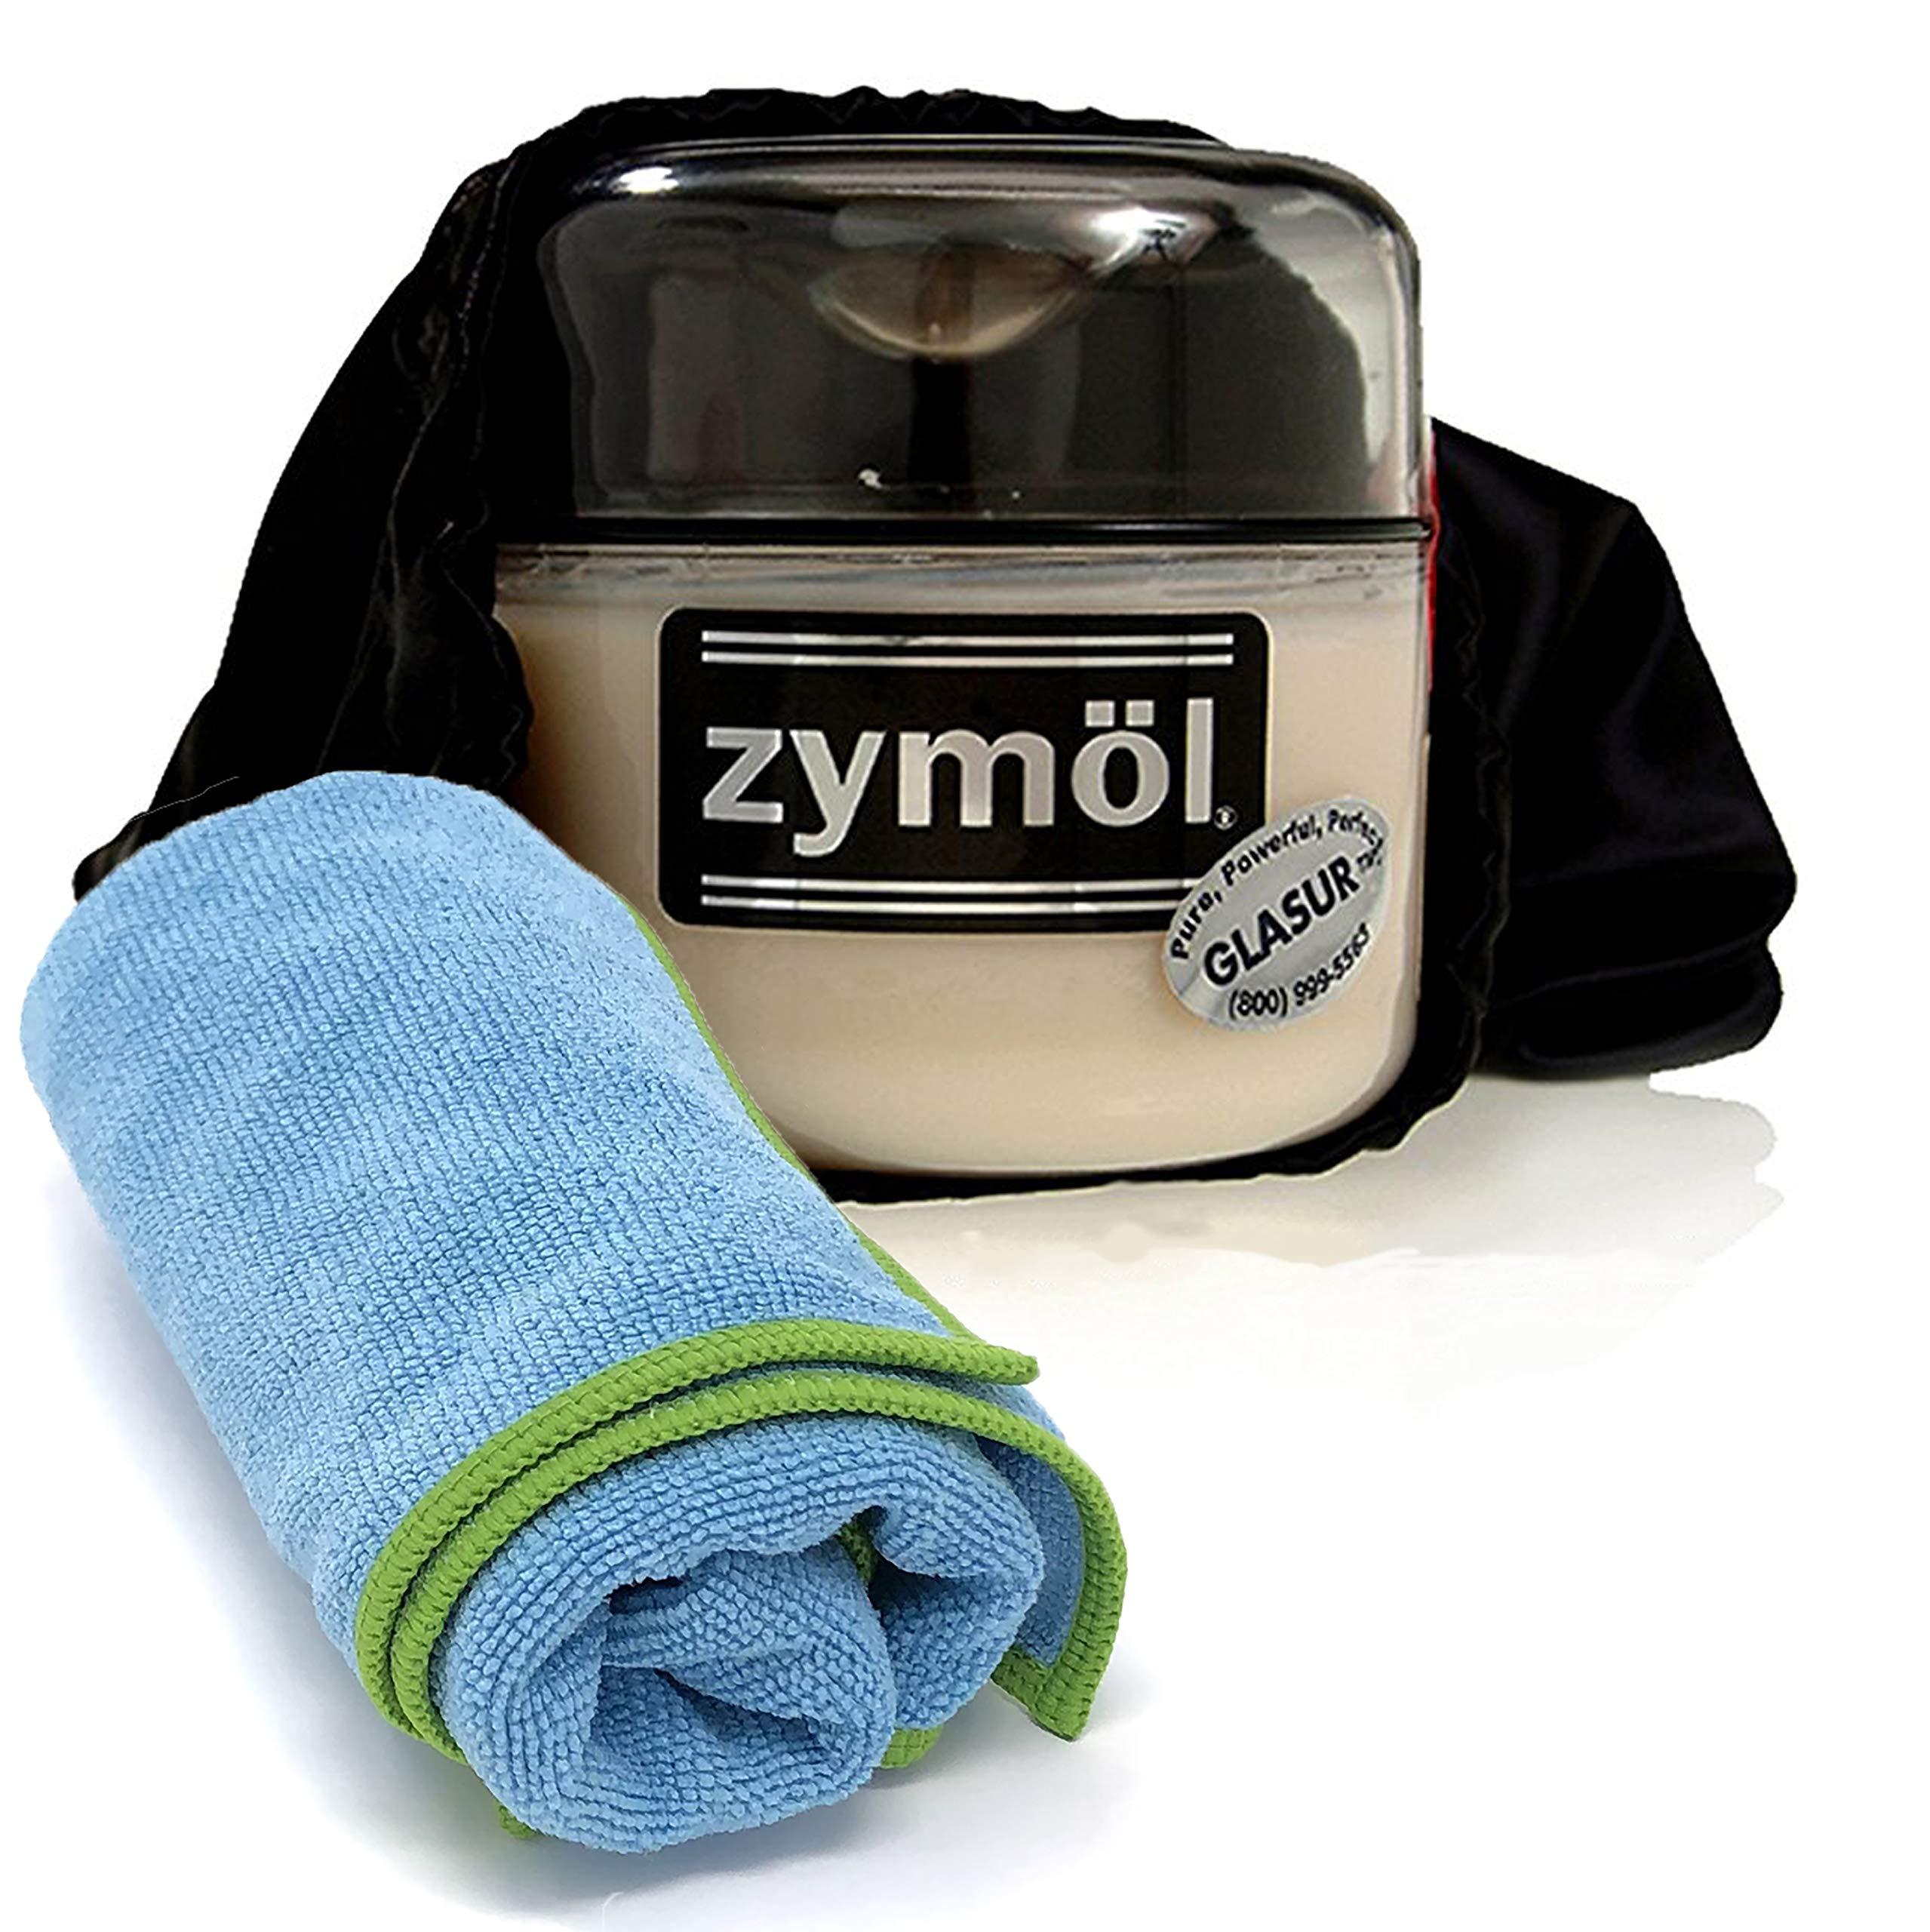 Zymol Glasur Glaze 8 oz, with Microfiber Cloth